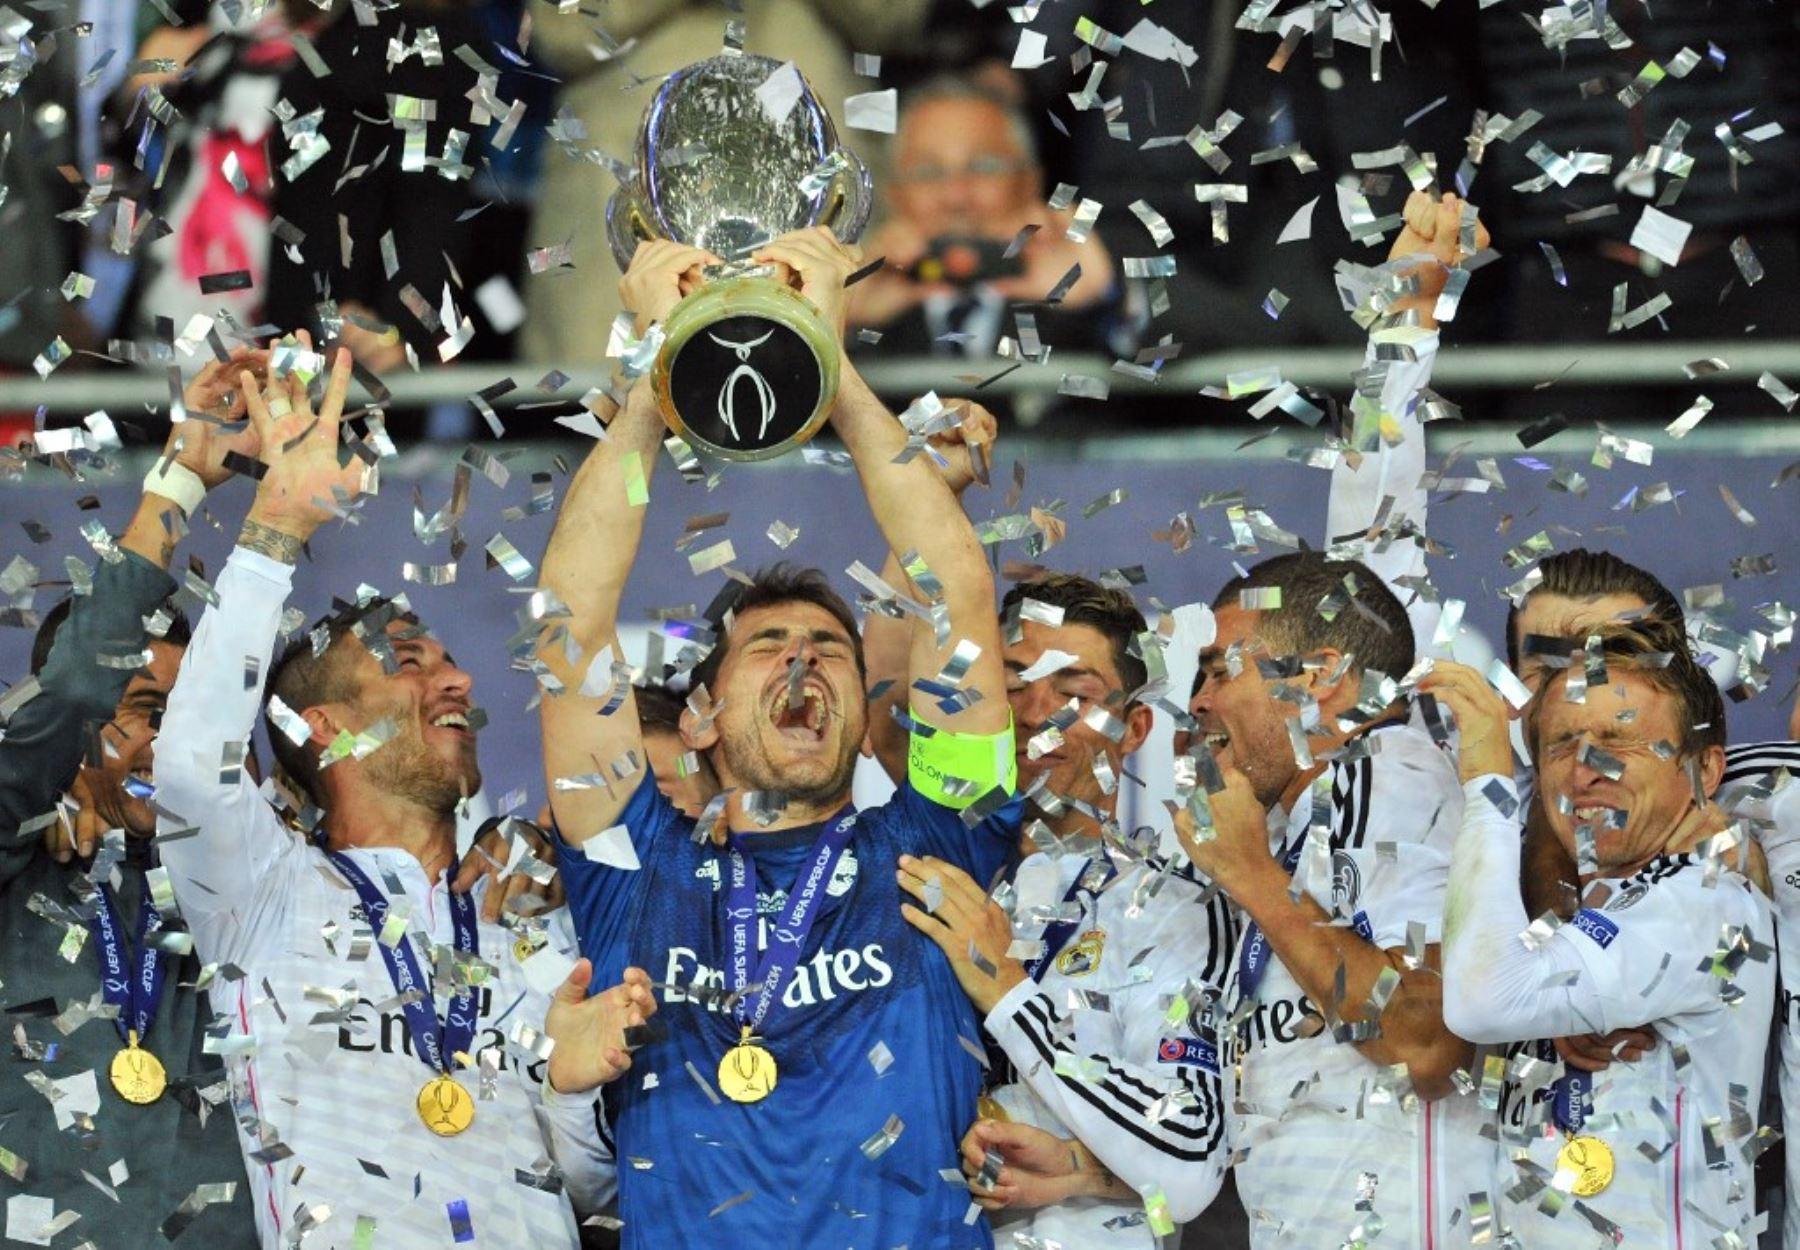 El portero del Real Madrid, Iker Casillas, levanta el trofeo mientras los jugadores del Real Madrid celebran después del partido de fútbol de la Supercopa de la UEFA entre el Real Madrid y el Sevilla. Foto: AFP